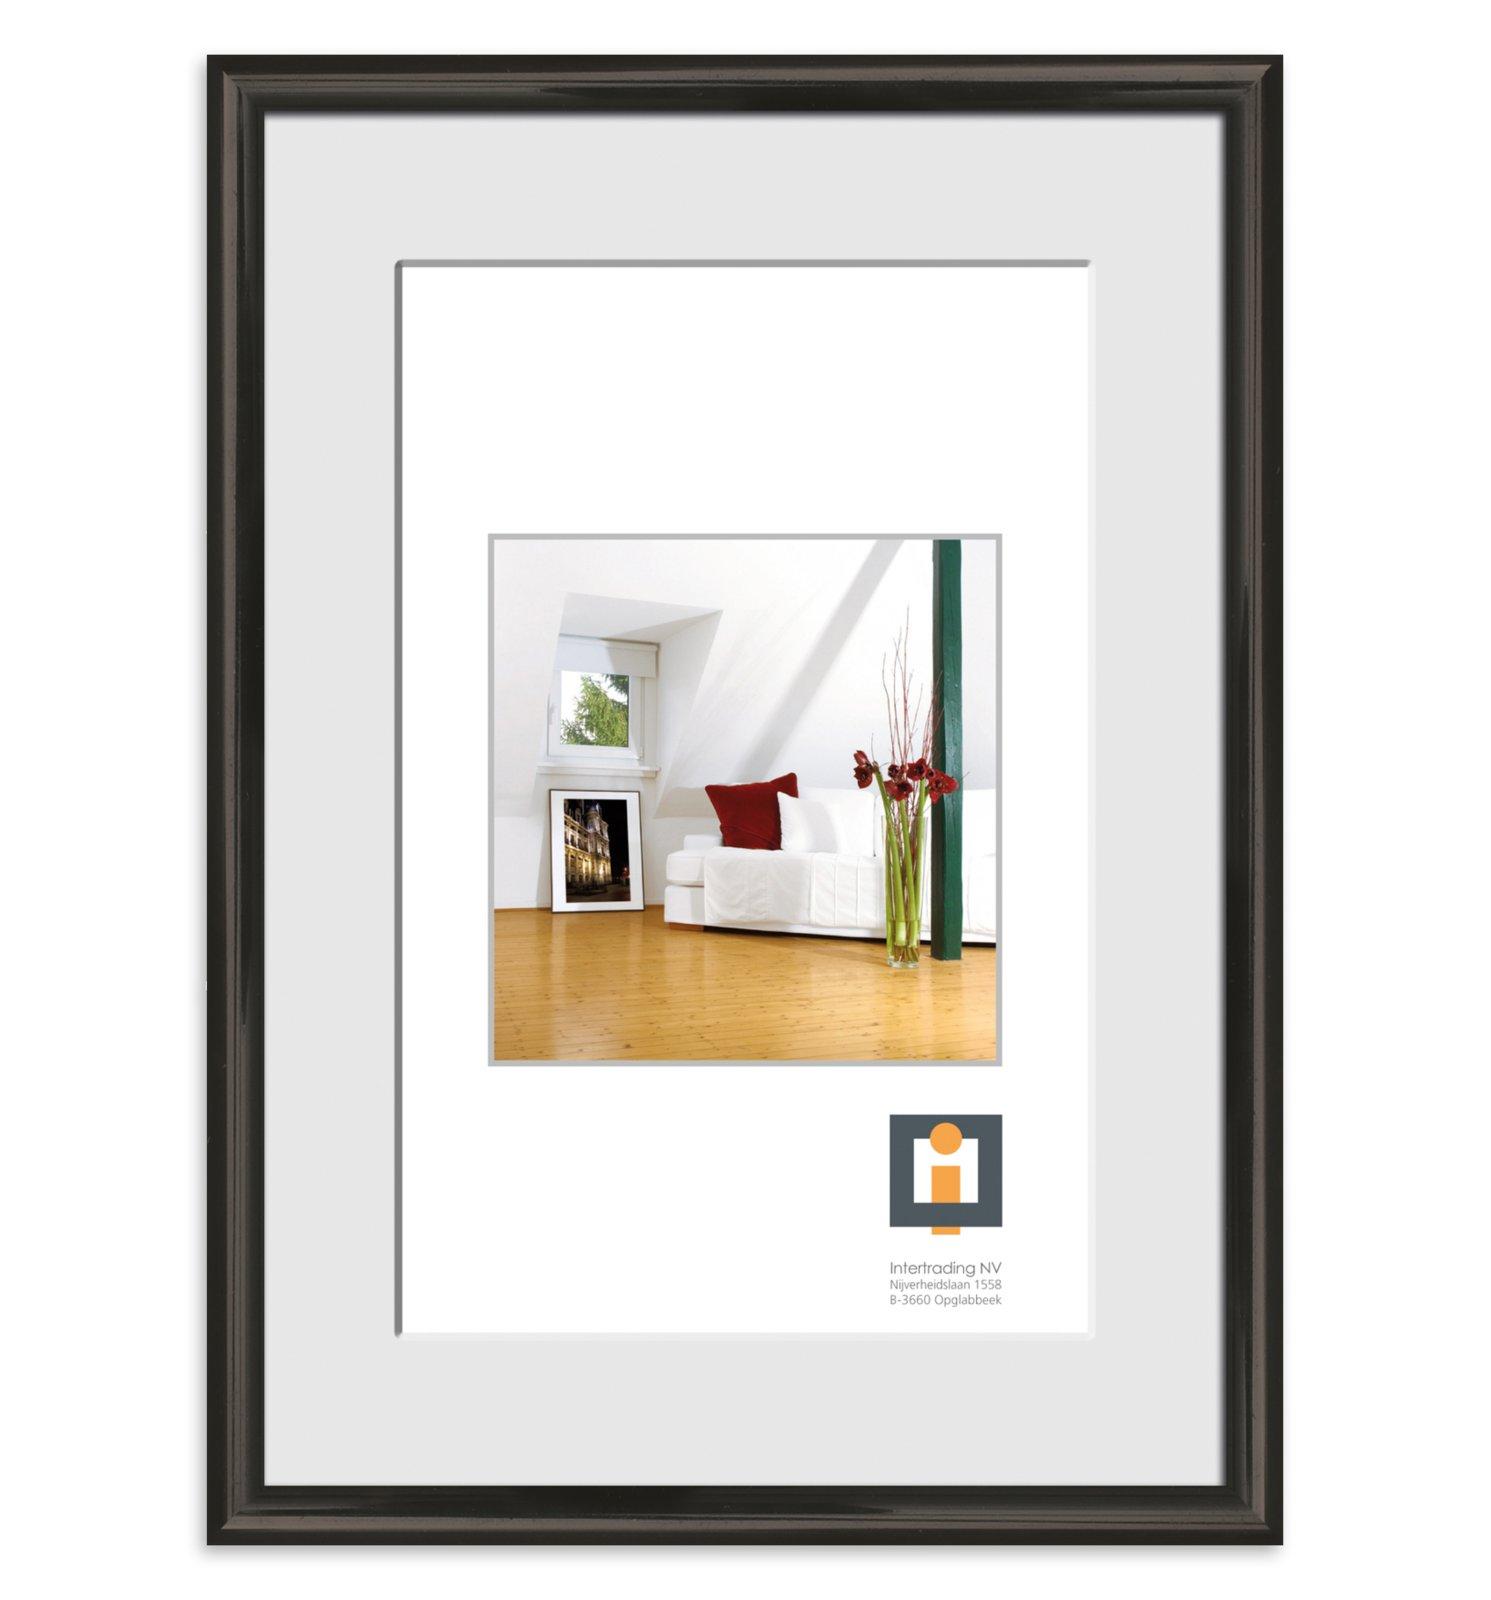 bilderrahmen schwarz kunststoff 50x70 cm bilderrahmen deko artikel deko haushalt. Black Bedroom Furniture Sets. Home Design Ideas